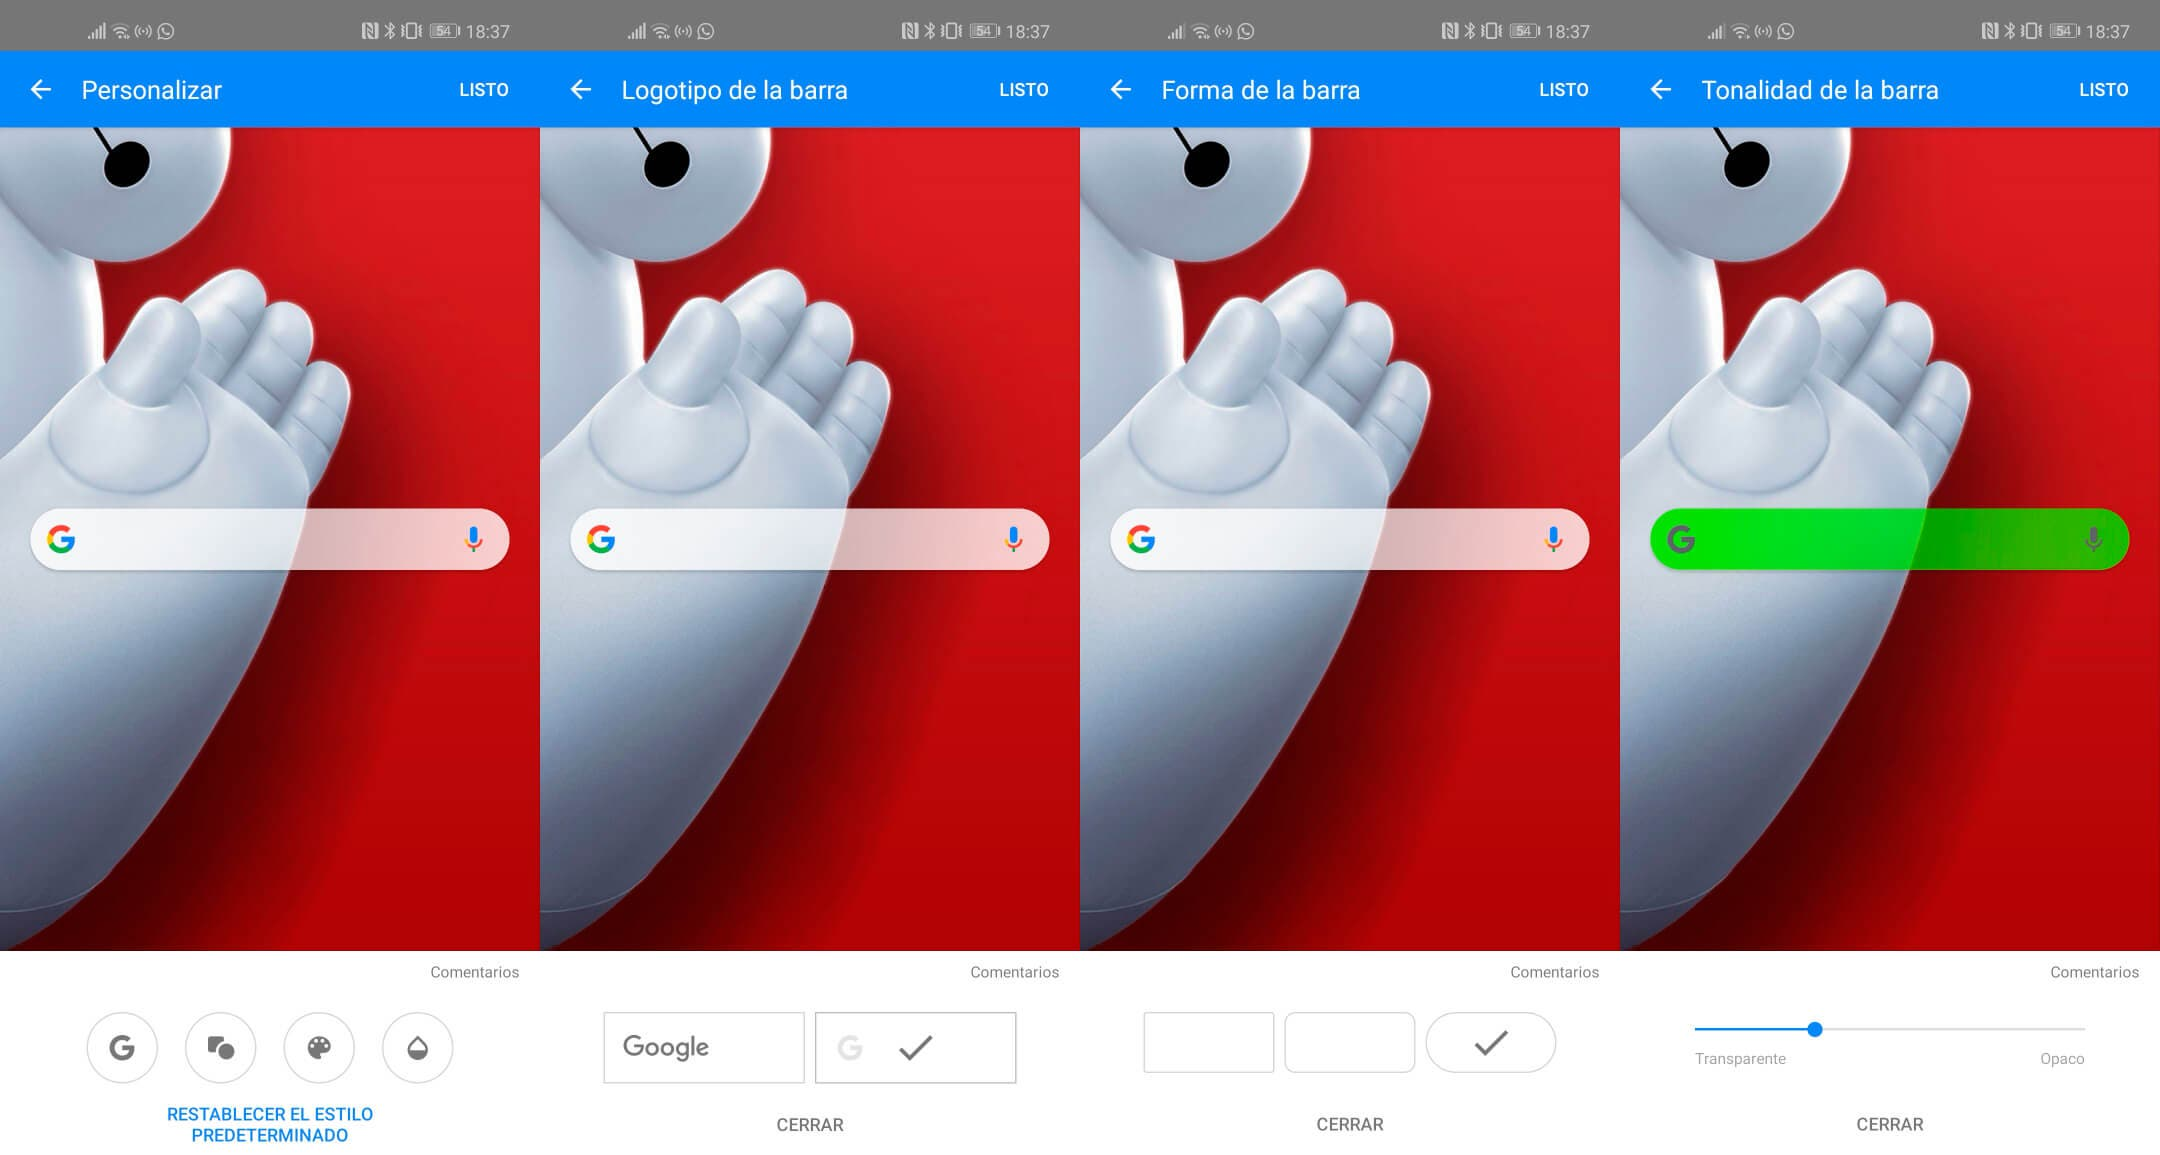 personalizar la barra de búsqueda de Google